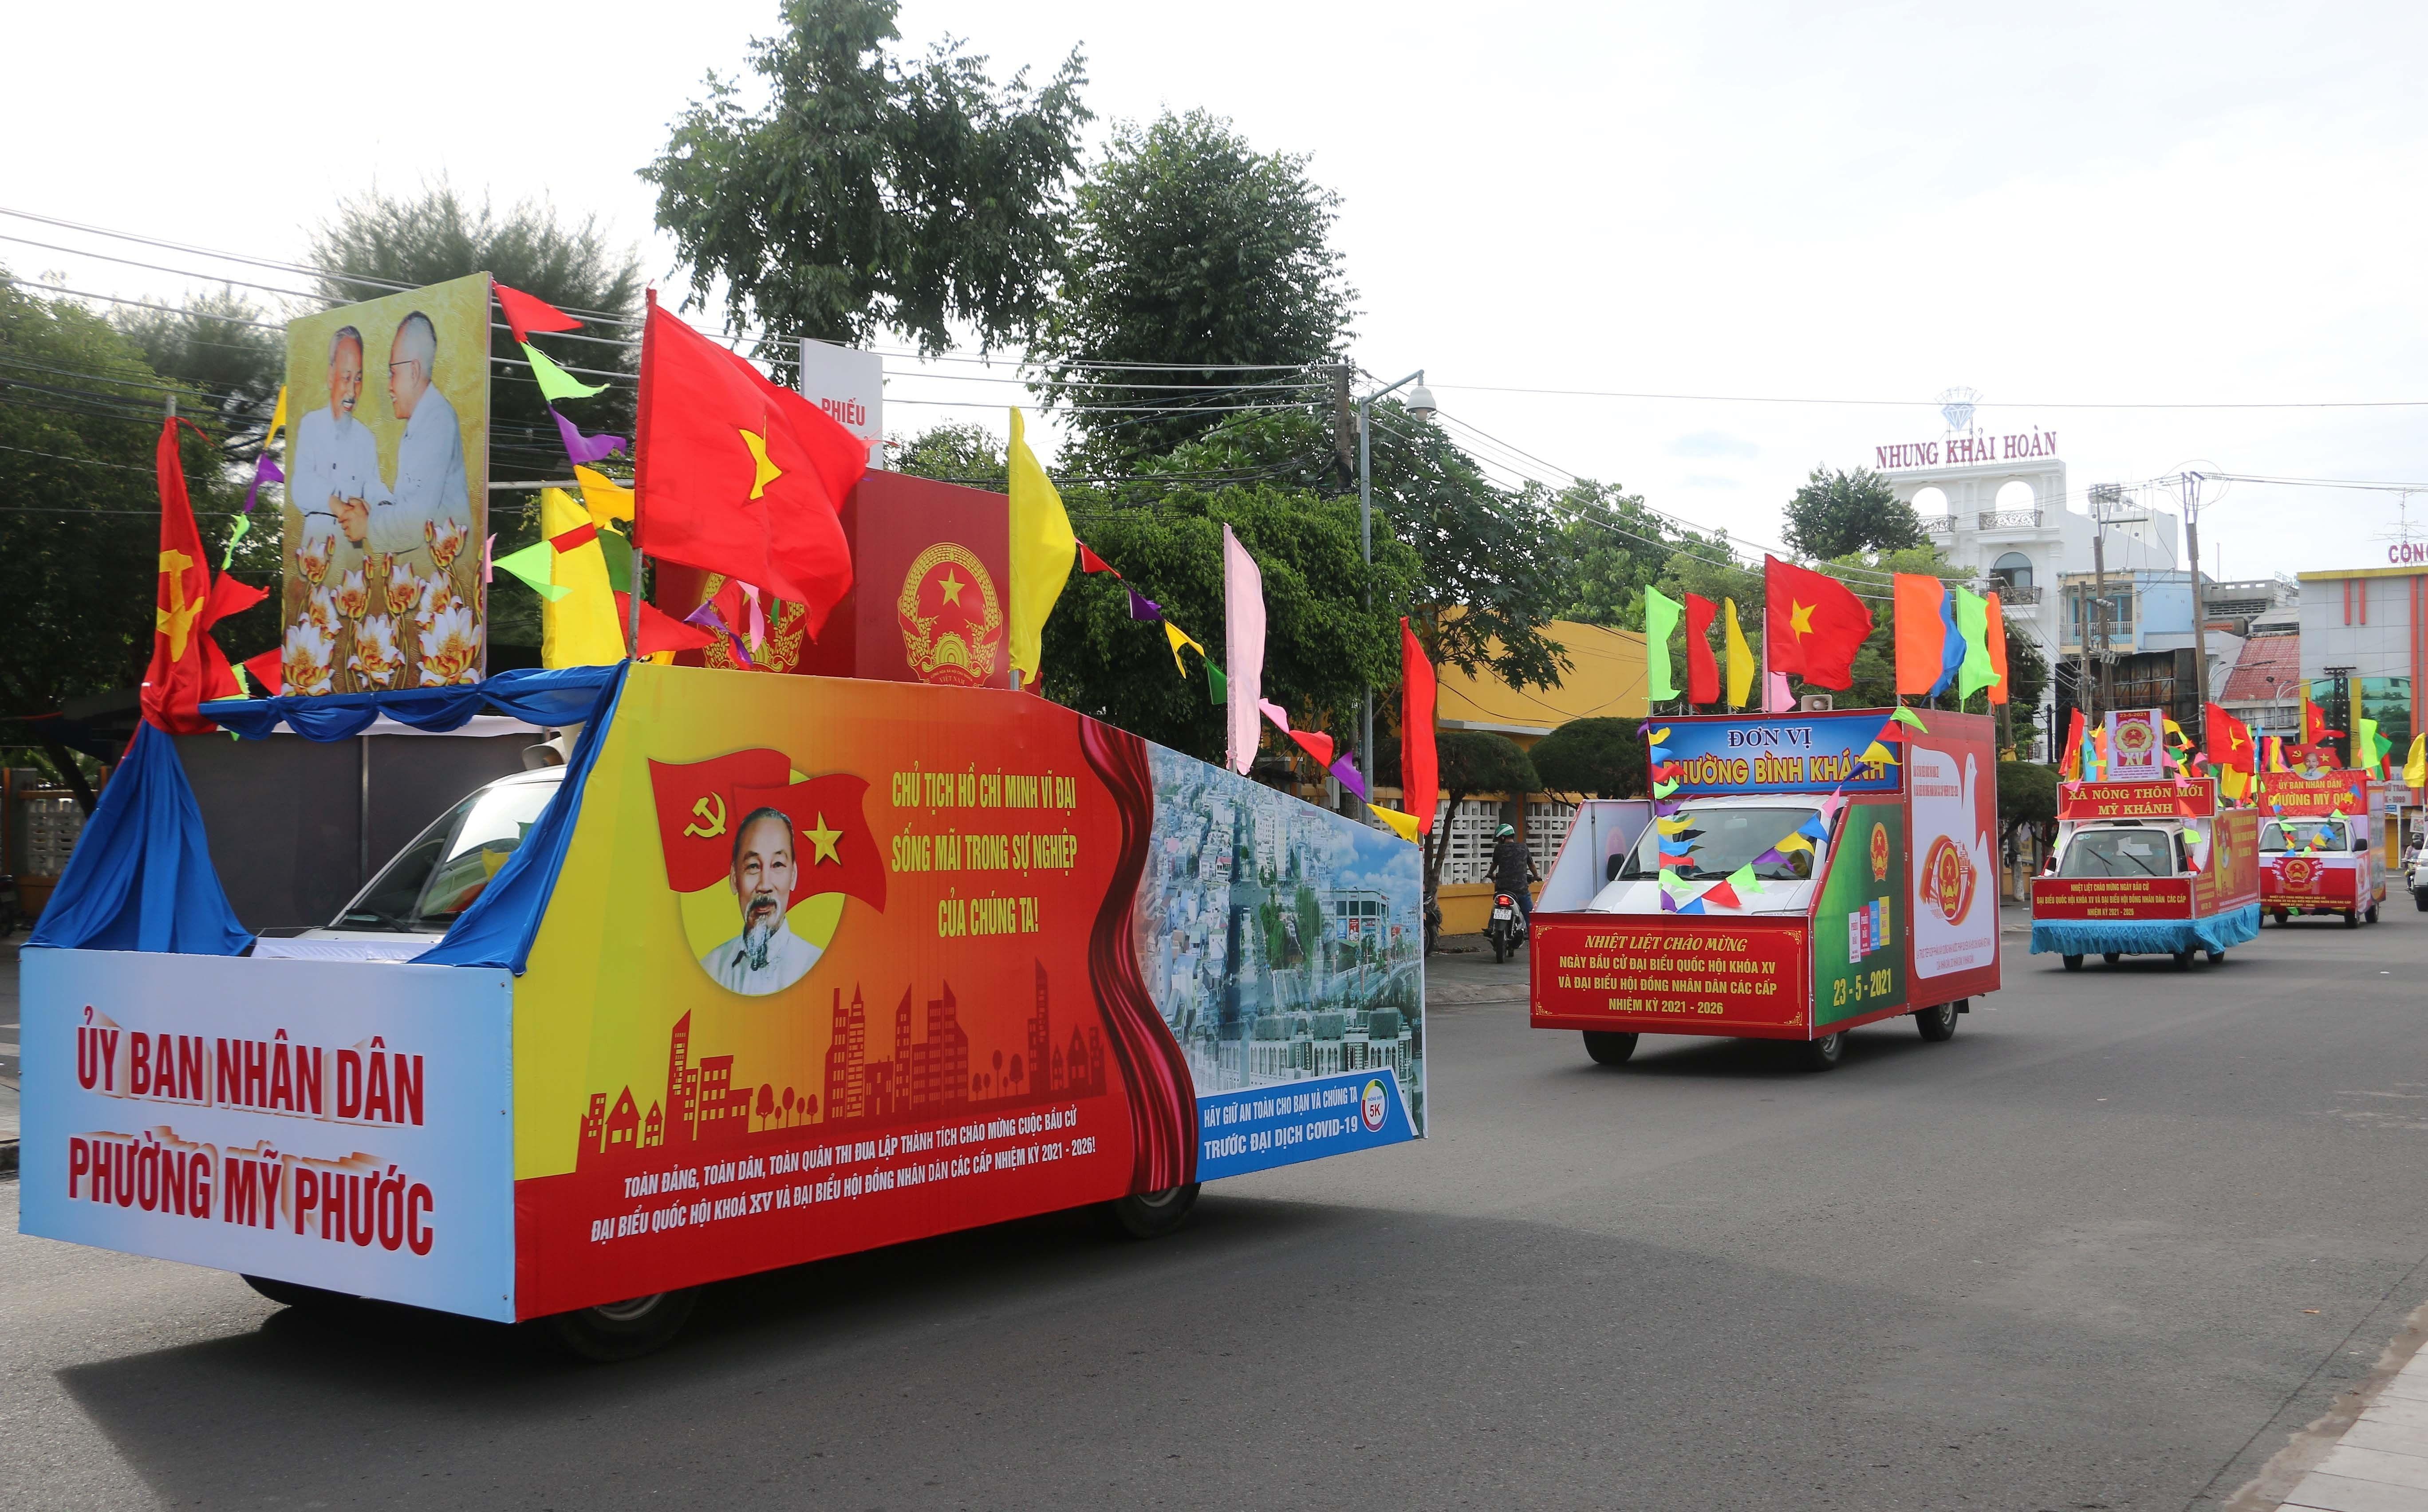 Вьетнам готов к всеобщим выборам hinh anh 6